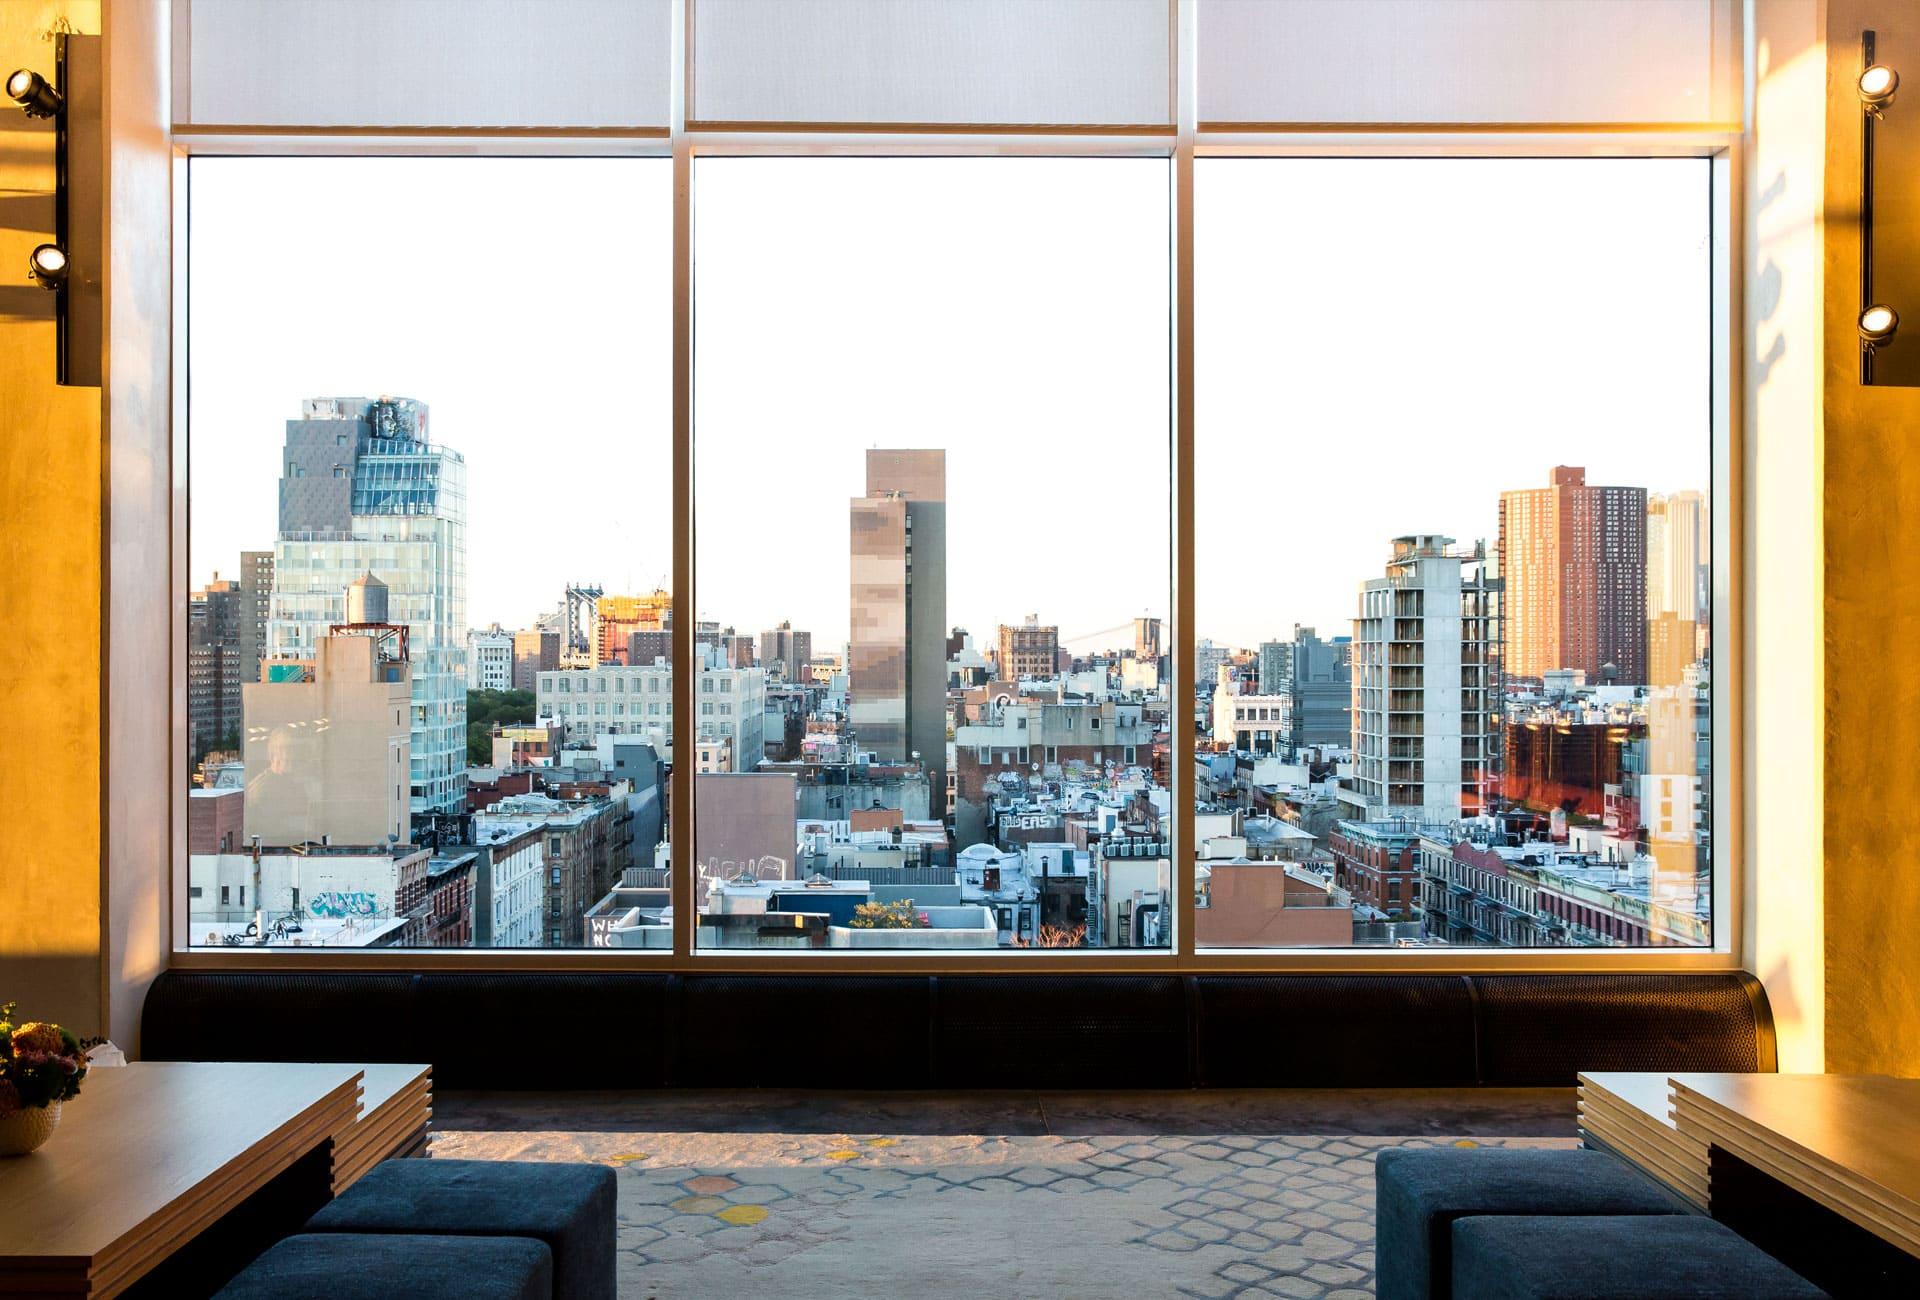 simoarts-com-simone-kessler-fotokunst-nuernberg-new-york-city-manhattan-loft-motiv2